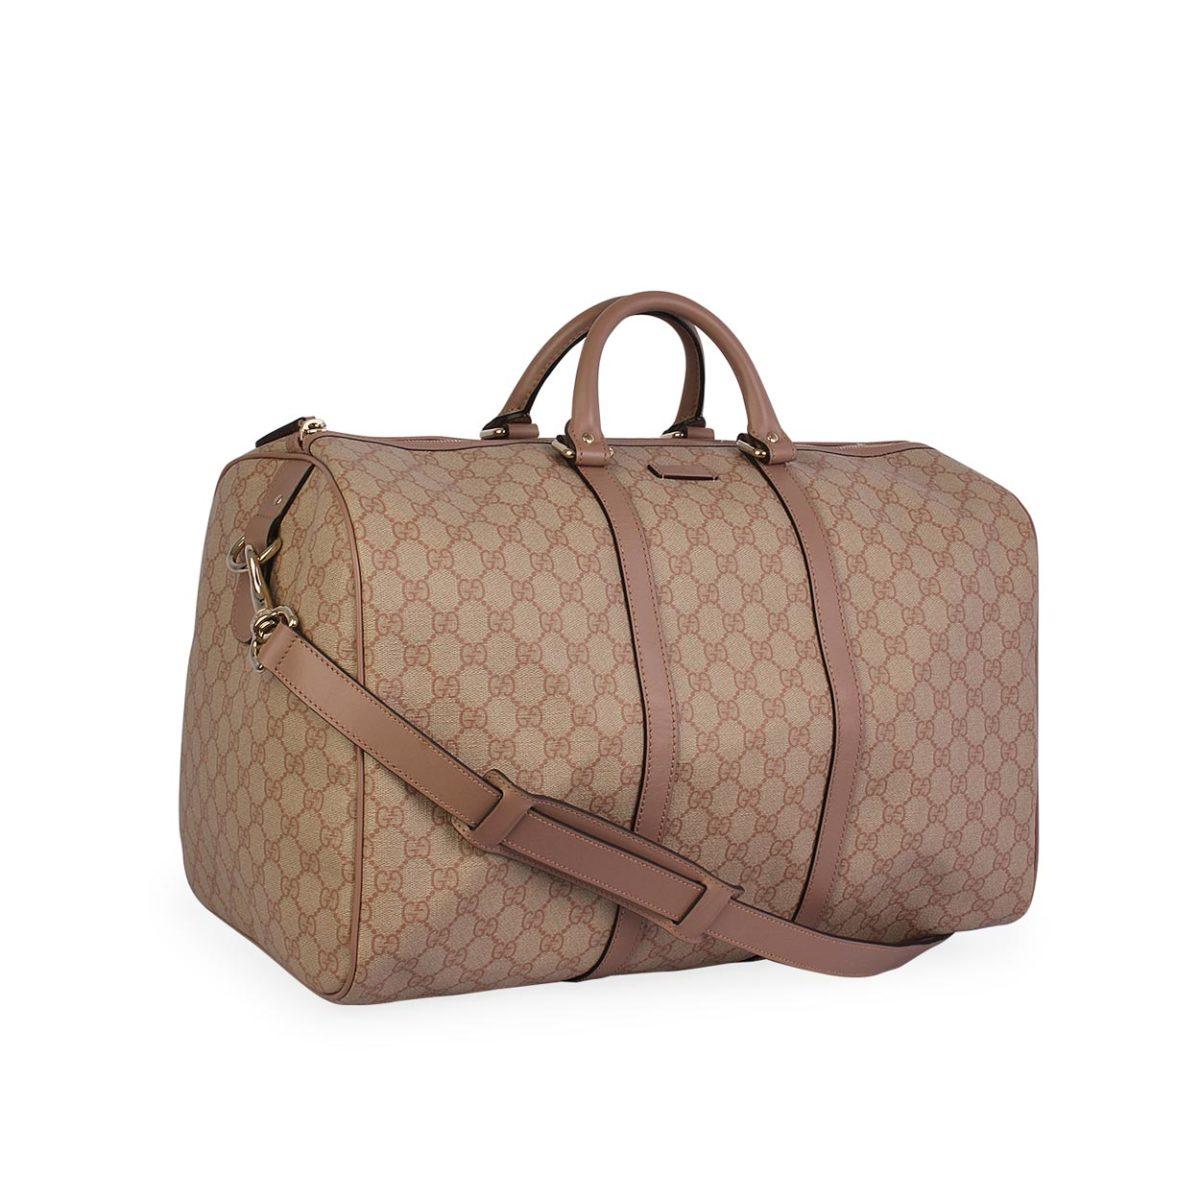 b1598b8c5cd GUCCI GG Supreme Carry-On Duffel Bag Blush